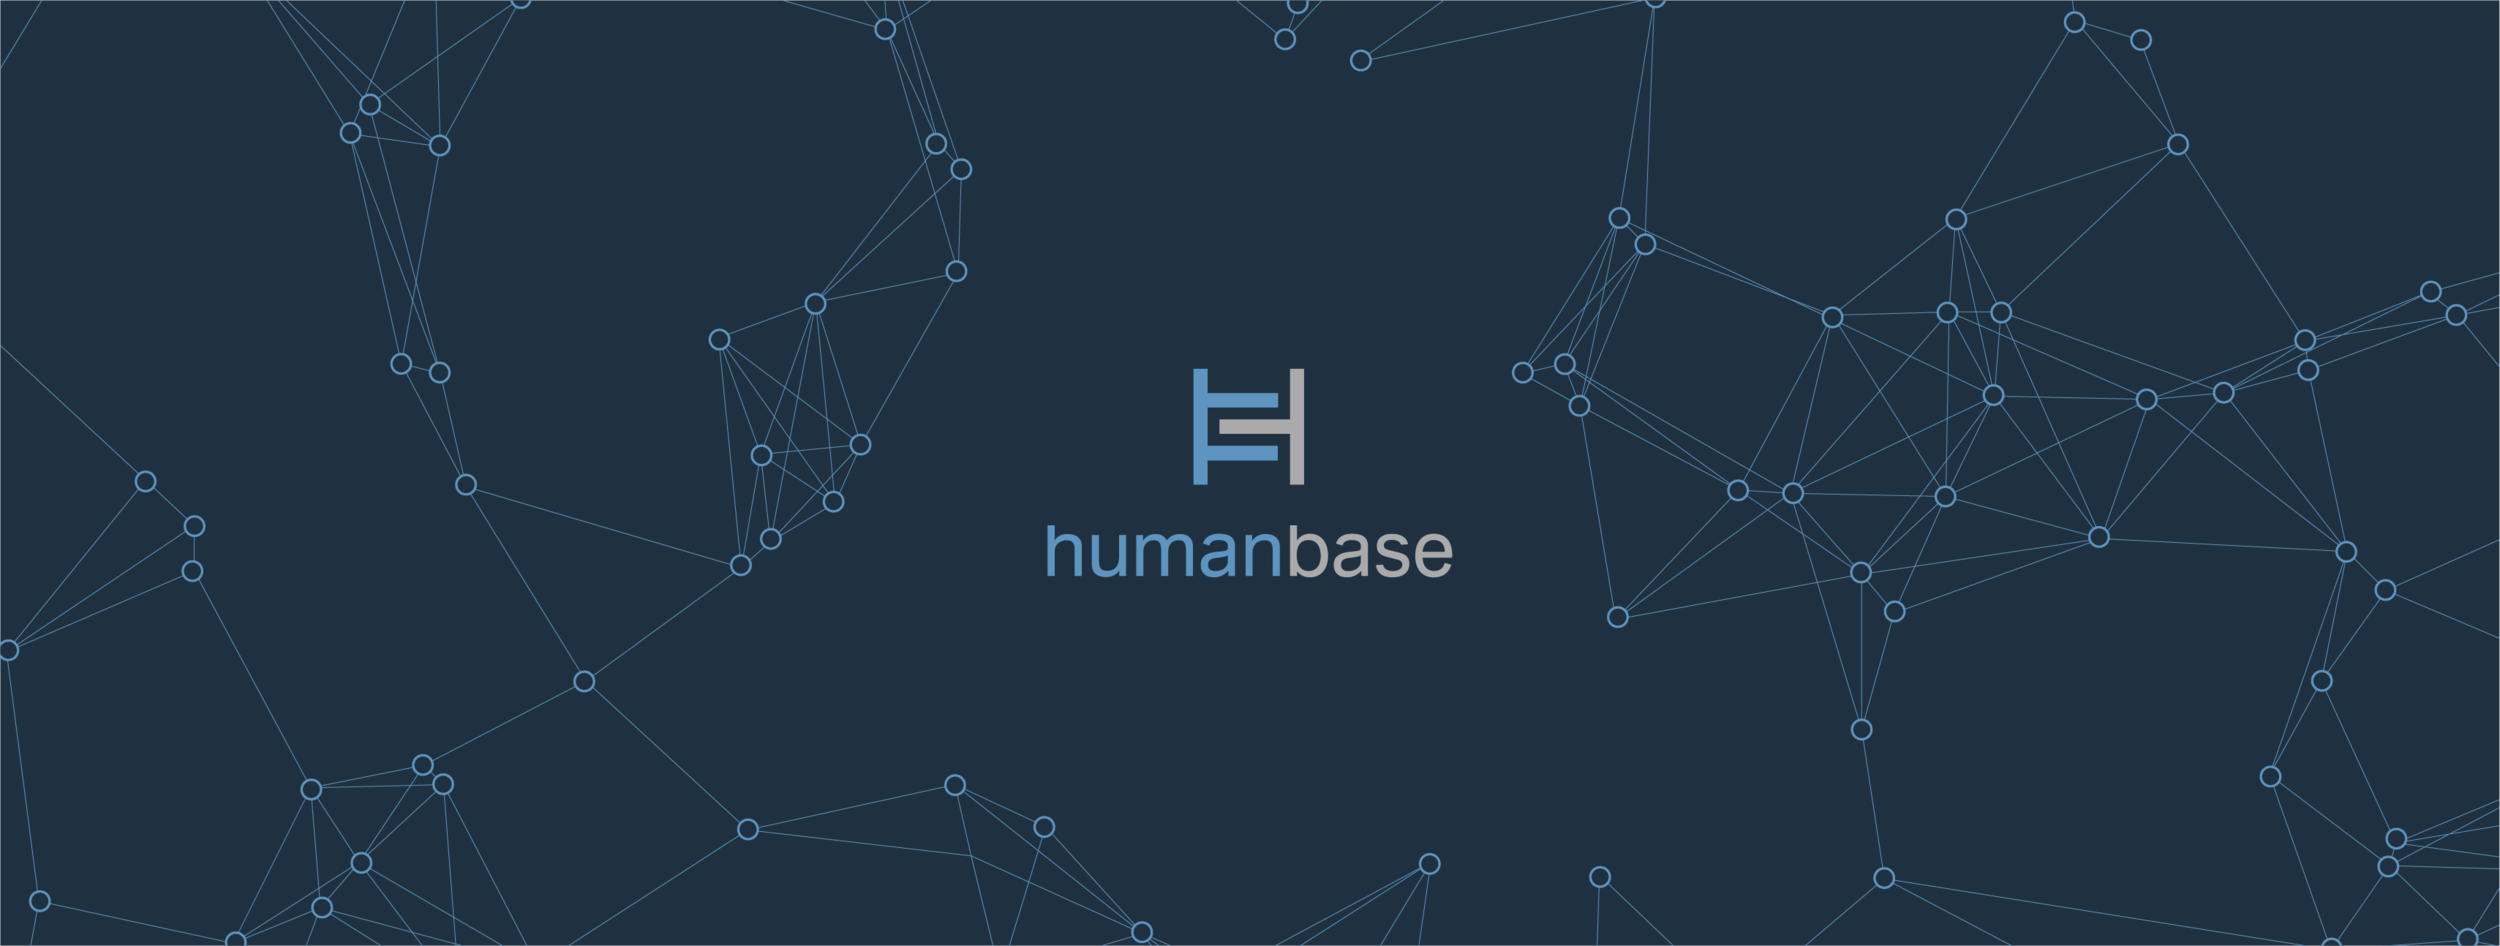 humanbase_facebook_banner_V1-03.png